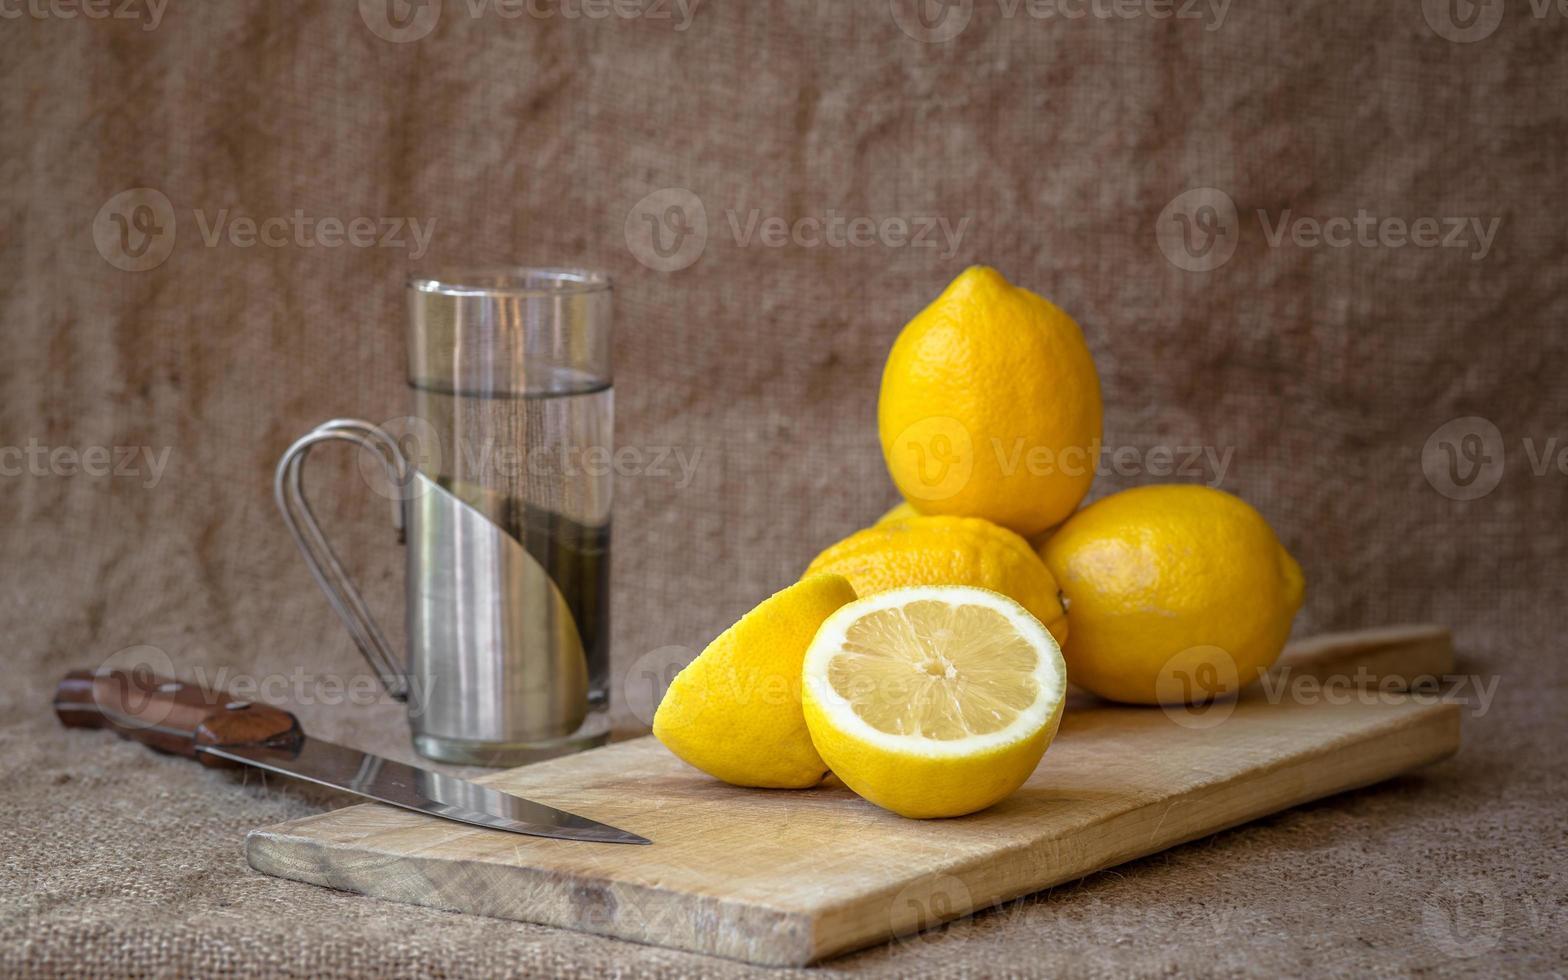 receta de limonada foto